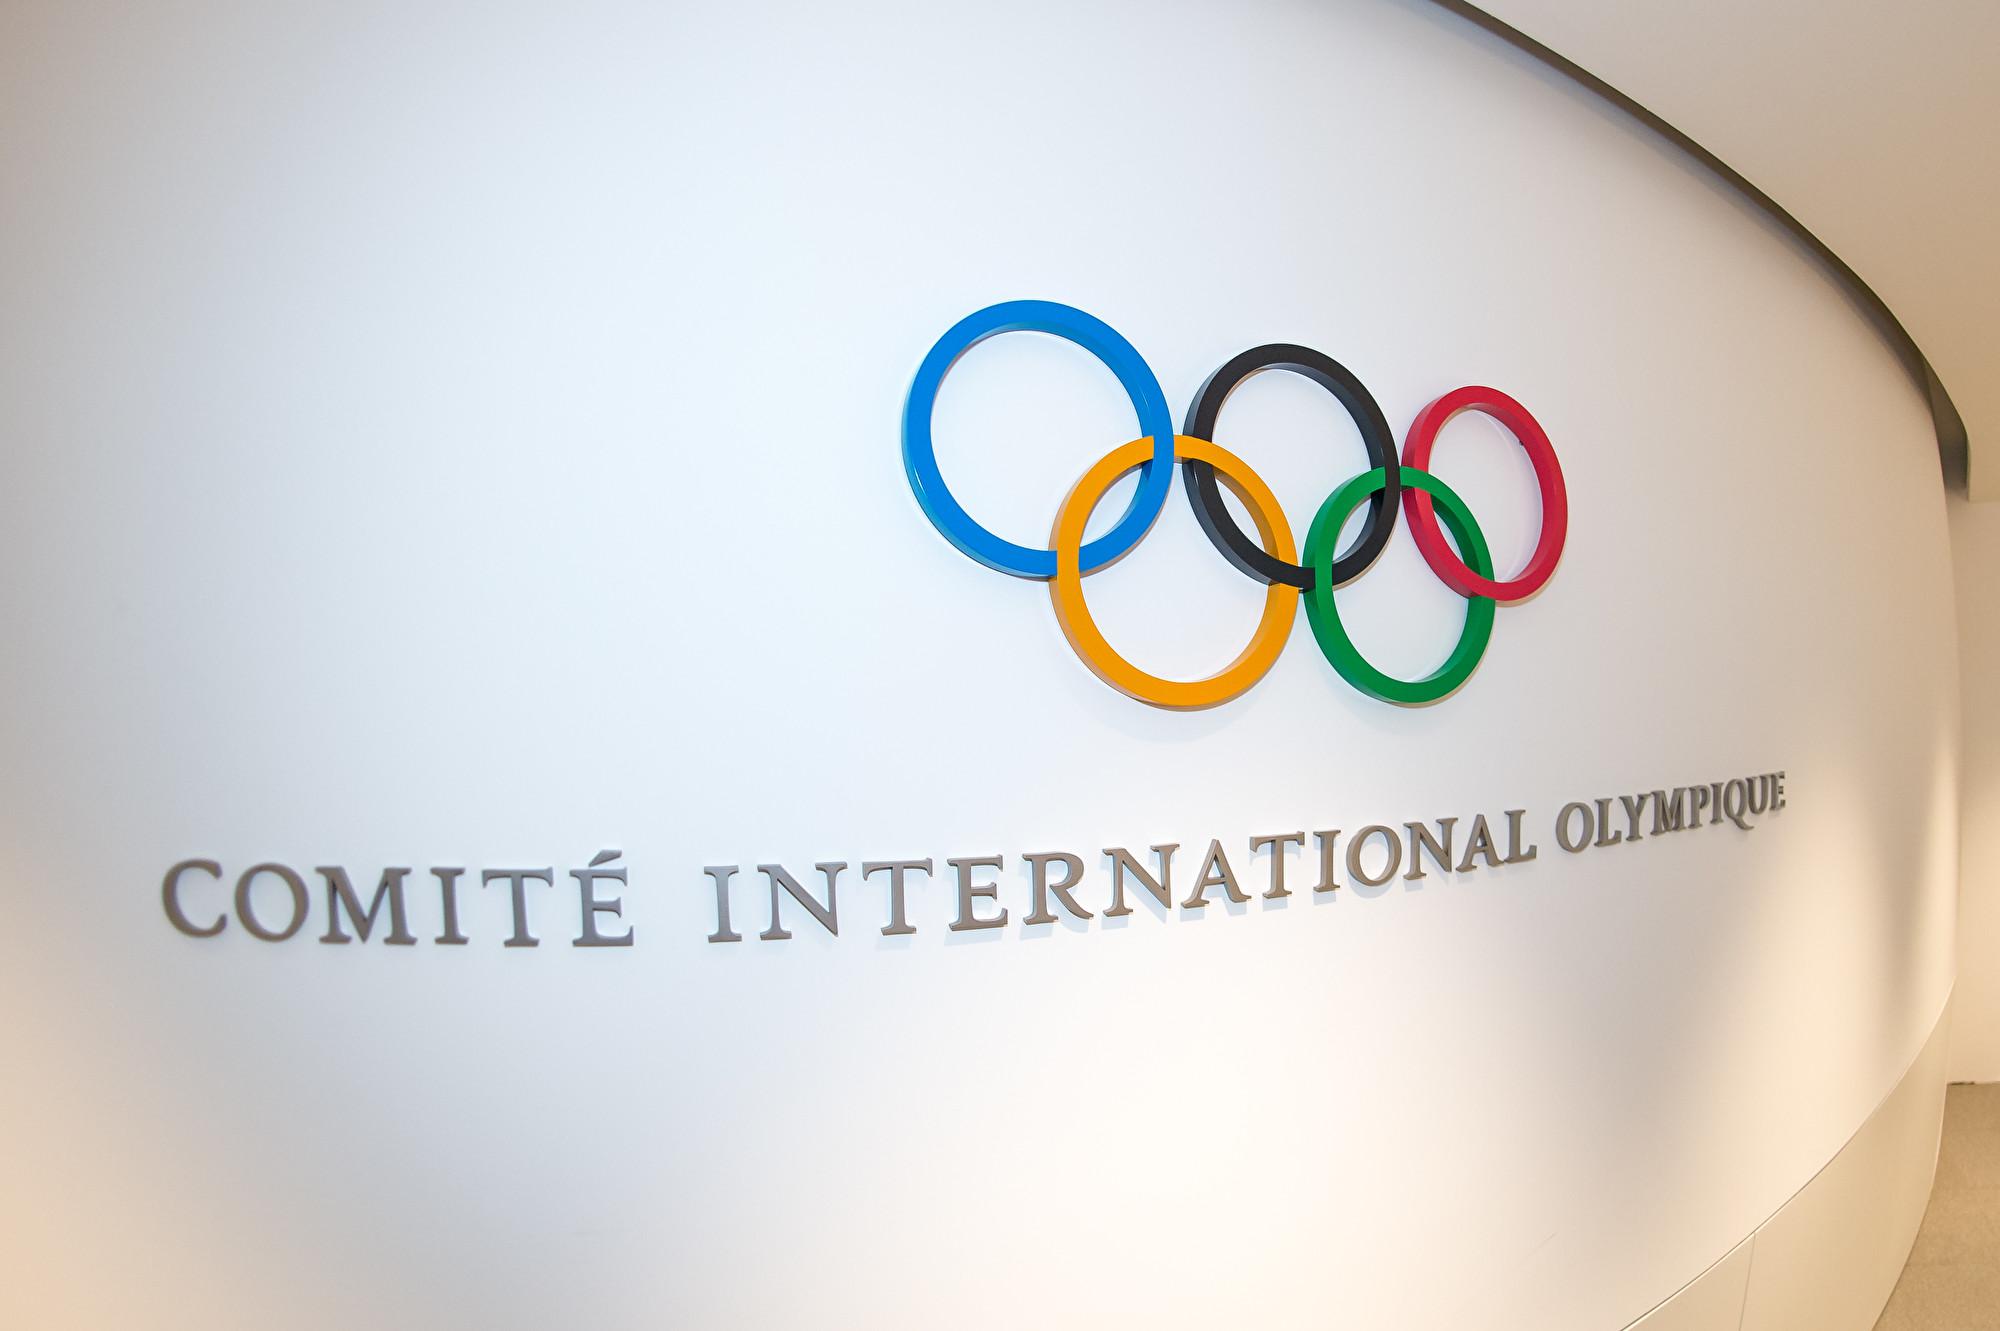 國奧會:東京奧運將照常進行 無需應急計劃